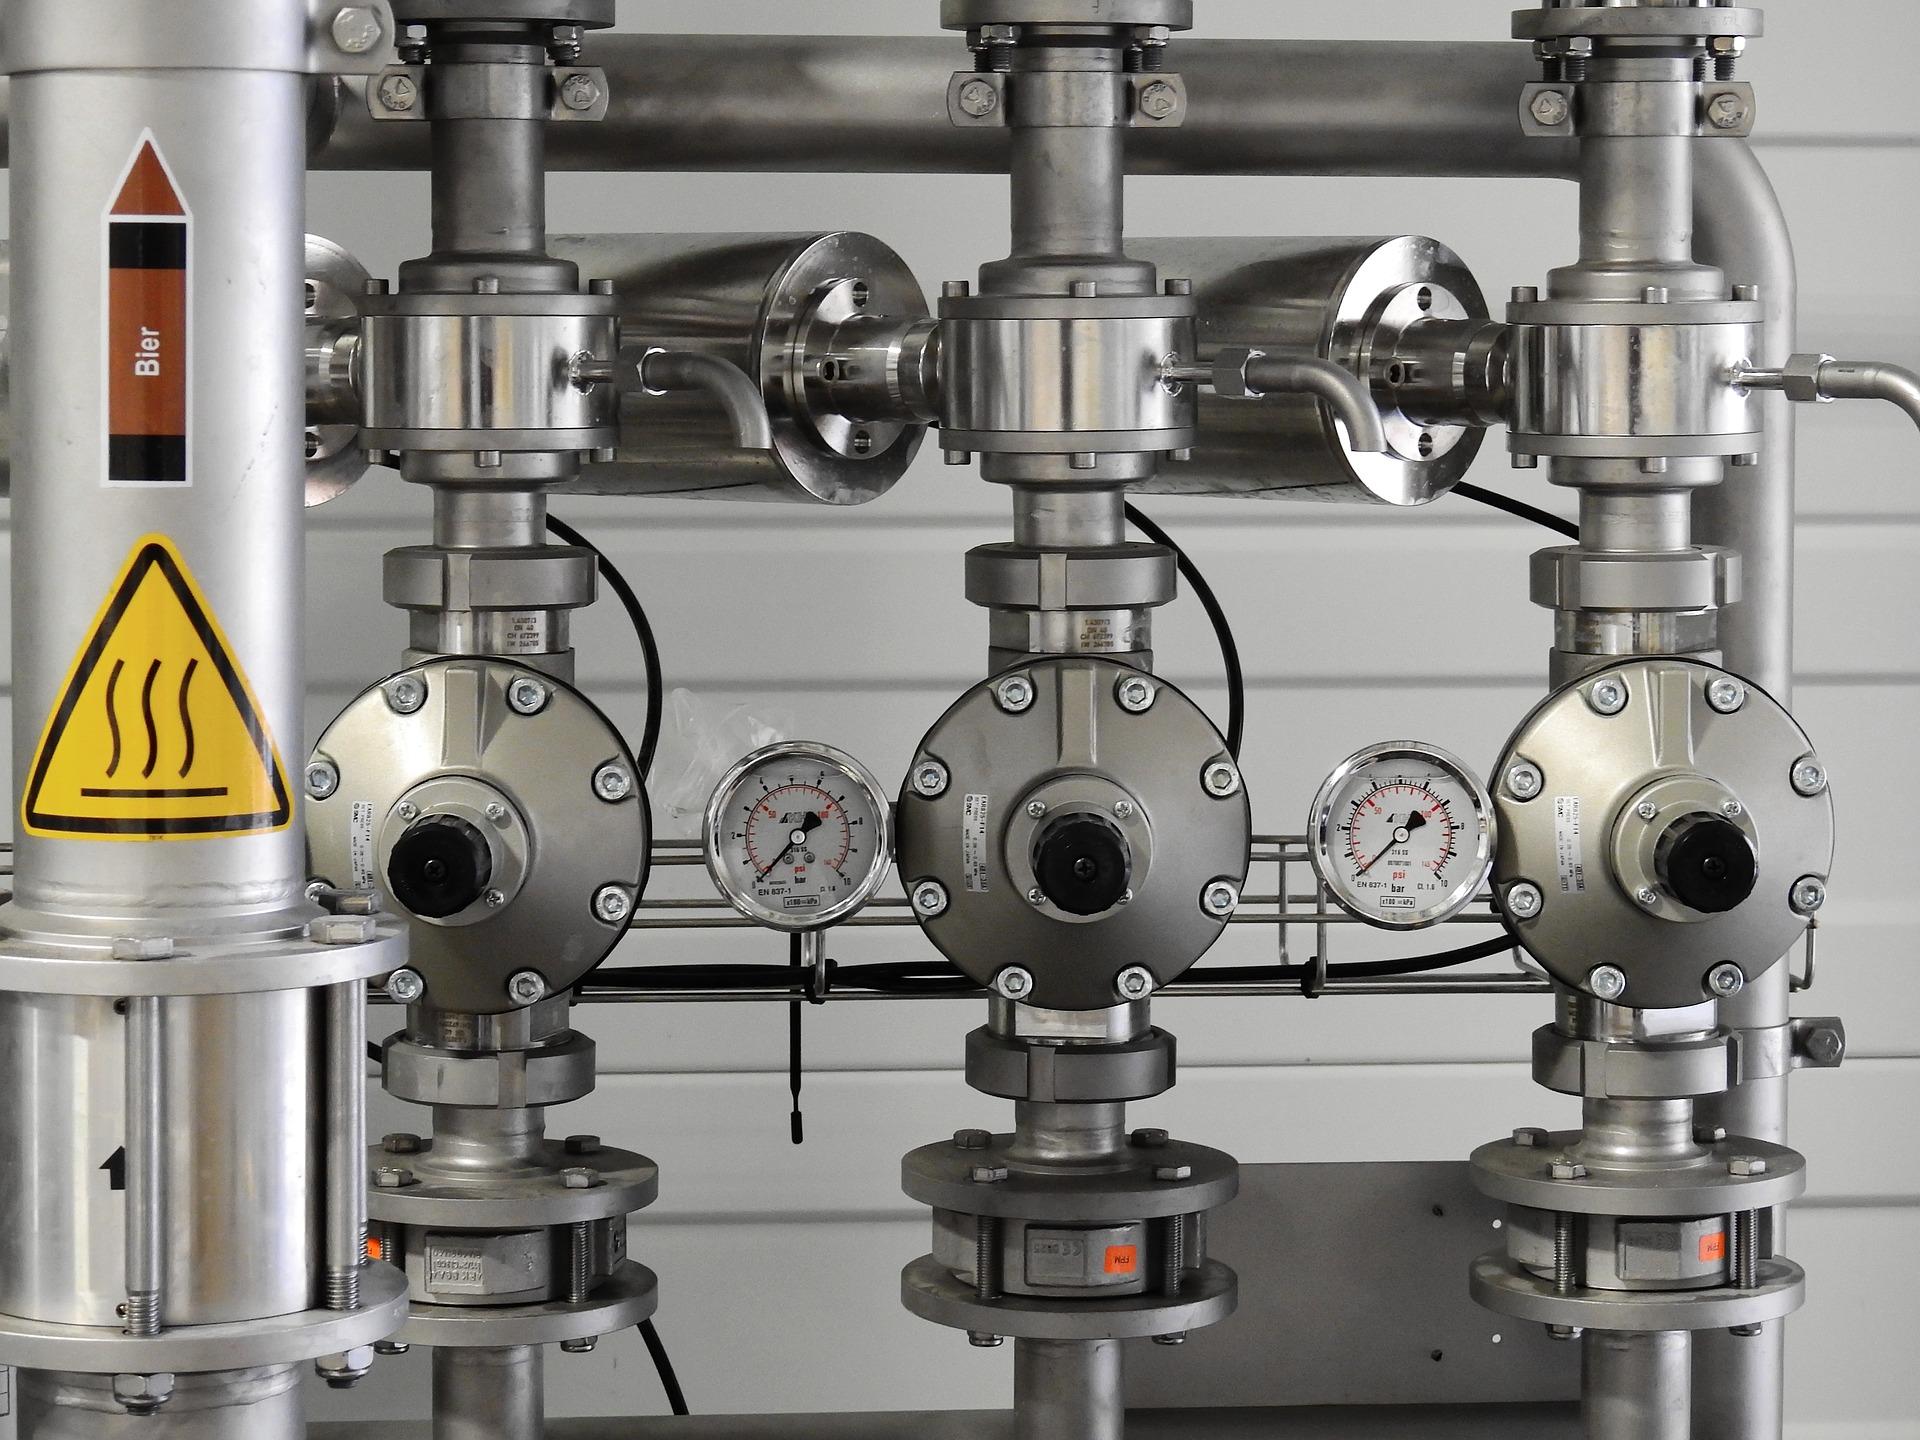 Mantenimiento de equipos de instrumentación industriales en Burgos